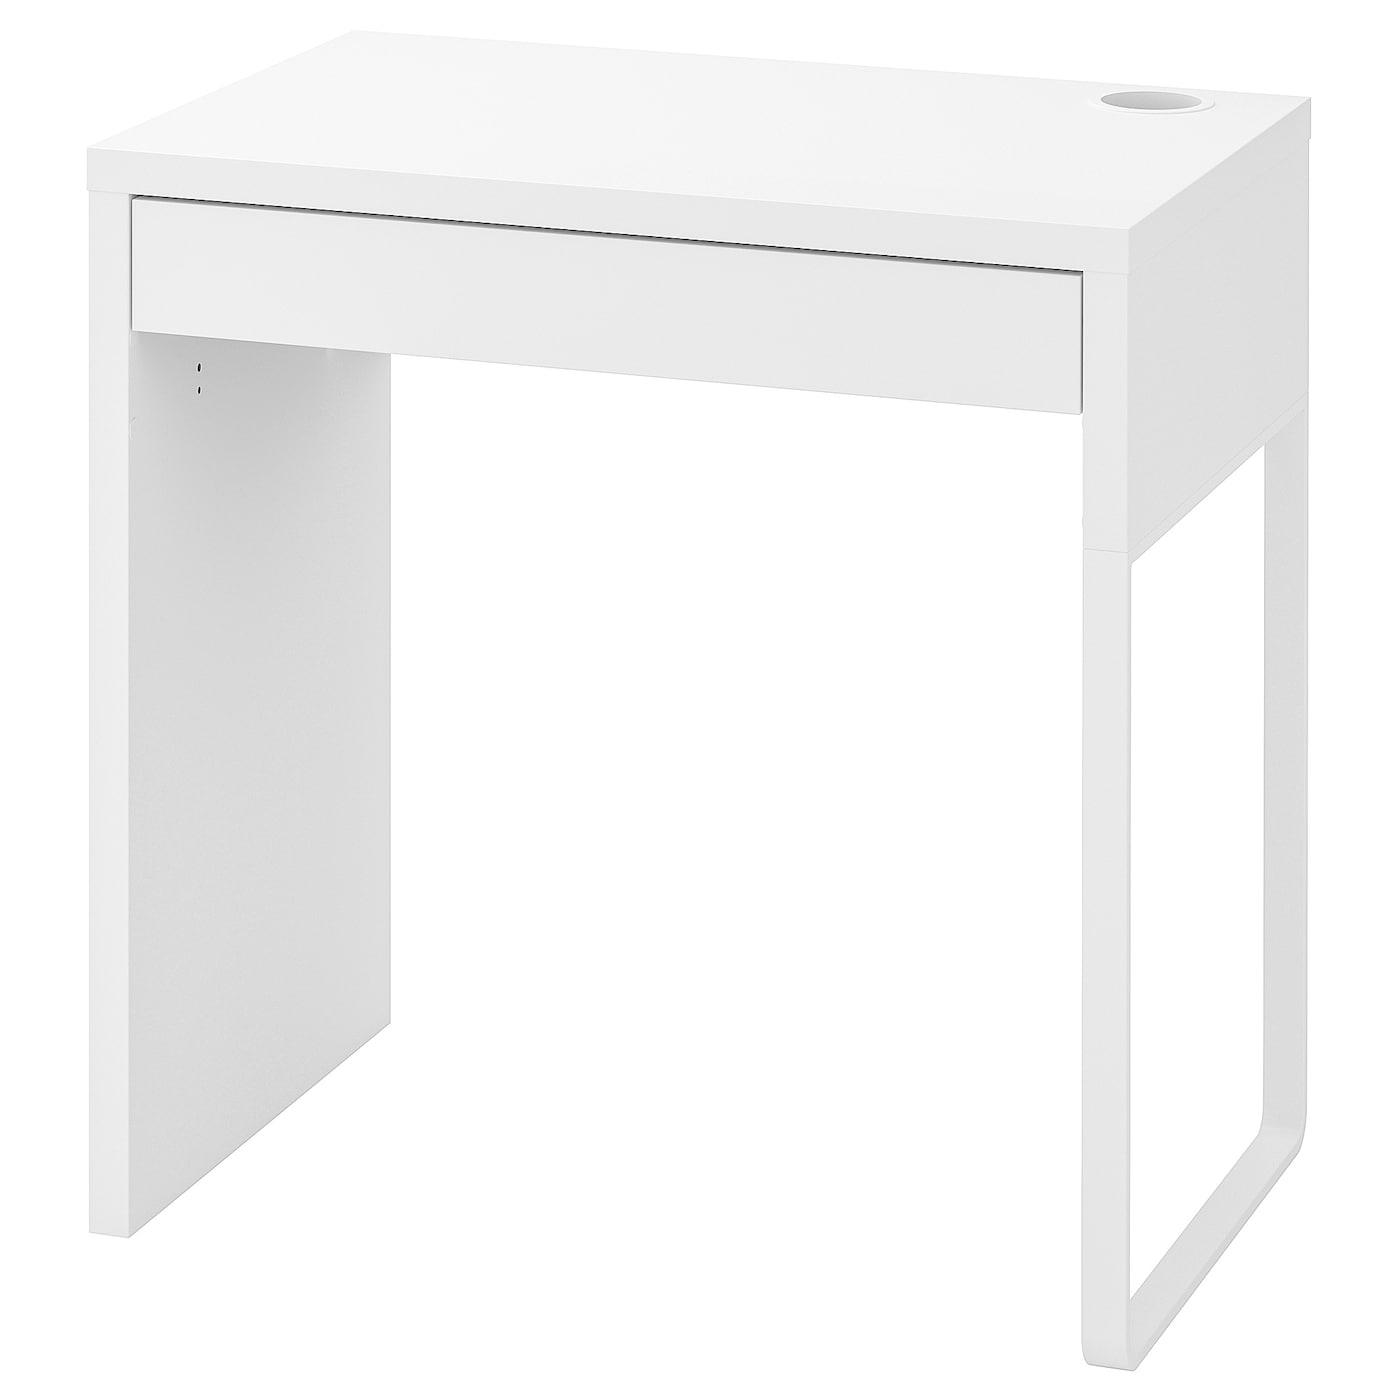 MICKE ミッケ デスク, ホワイト, 73x50 cm - IKEA